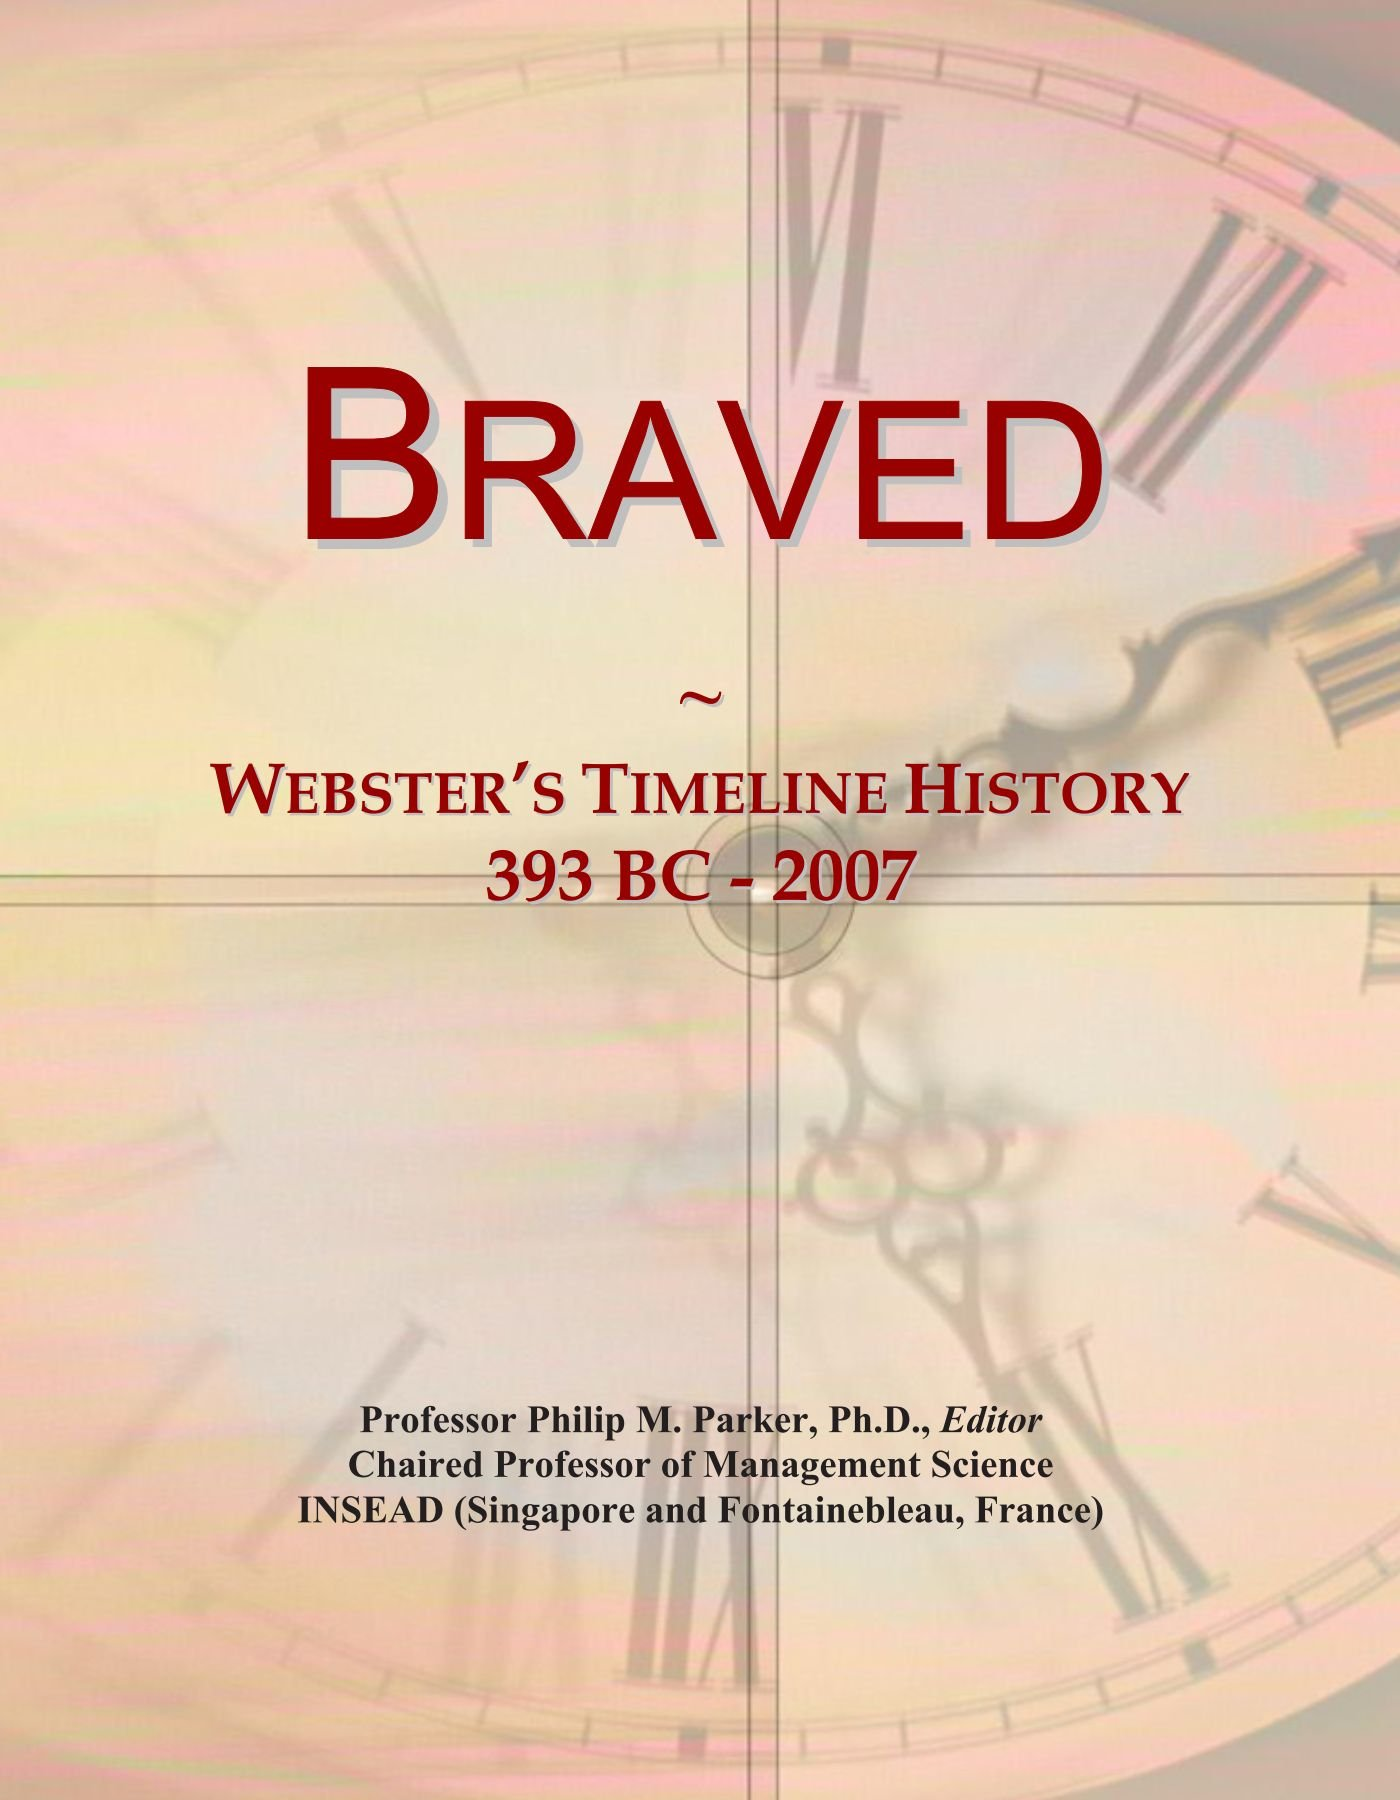 Braved: Webster's Timeline History, 393 BC - 2007 PDF